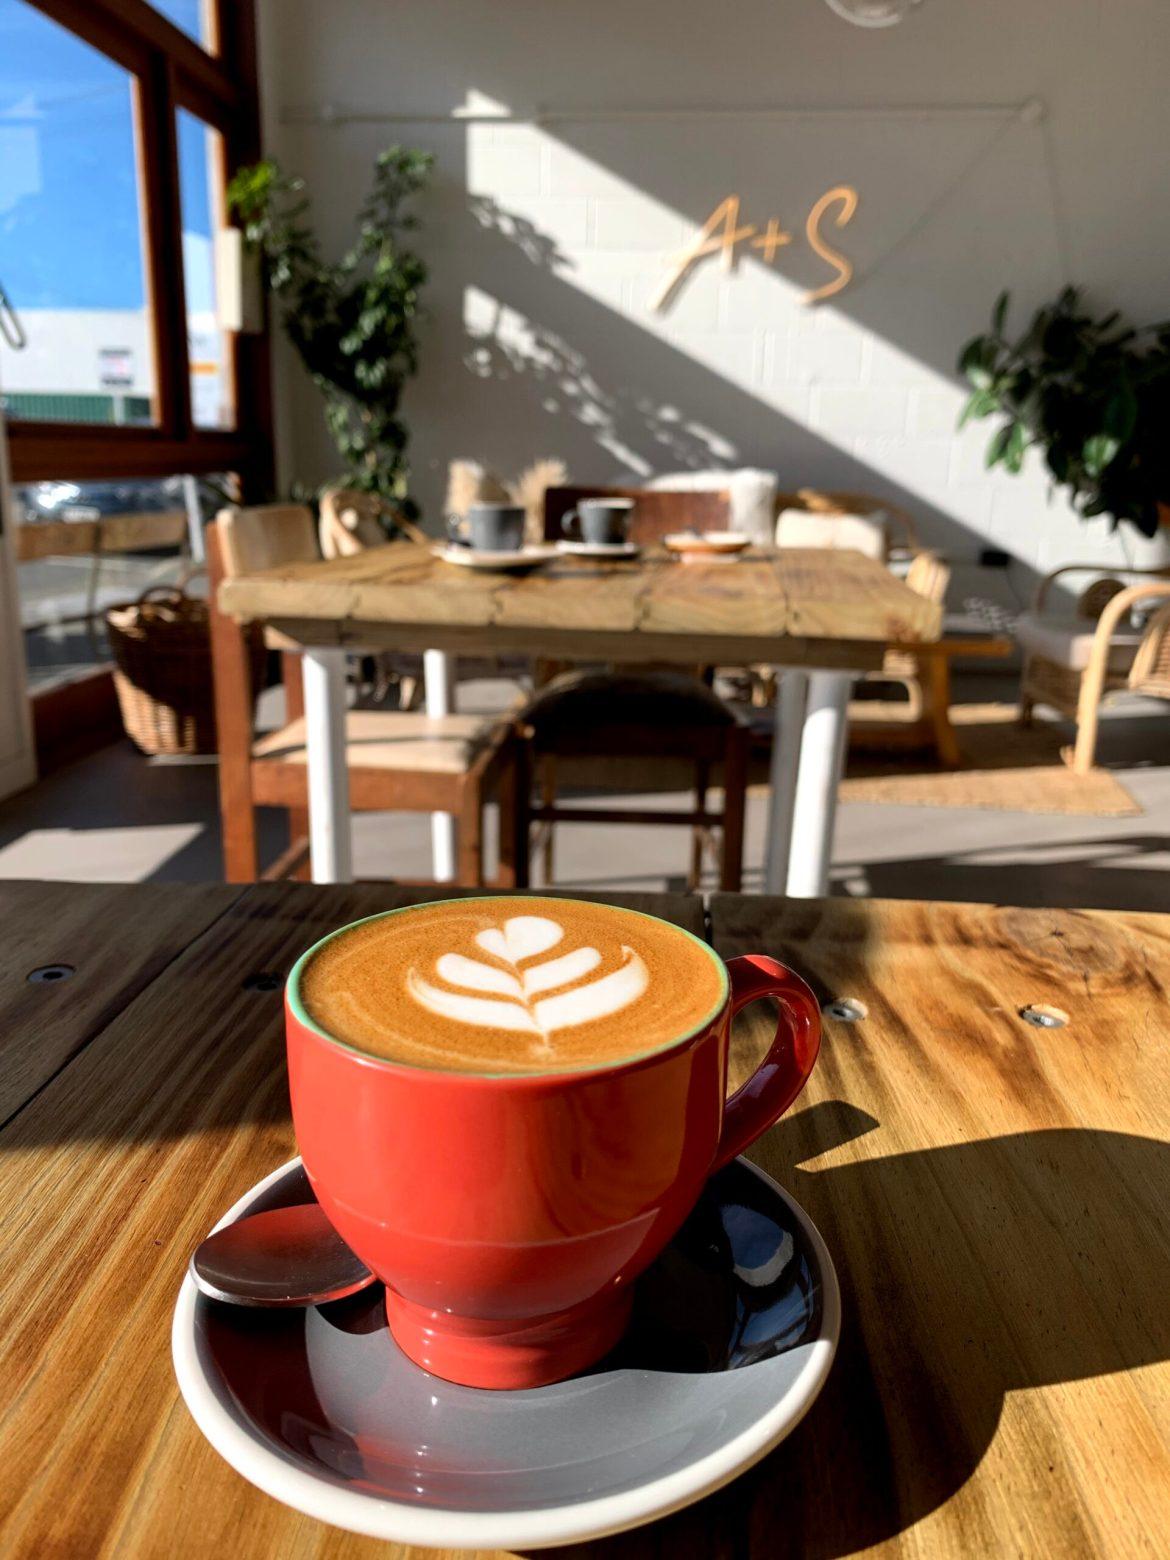 基督城美食推荐:法式小清新的咖啡厅(Ally & Sid)